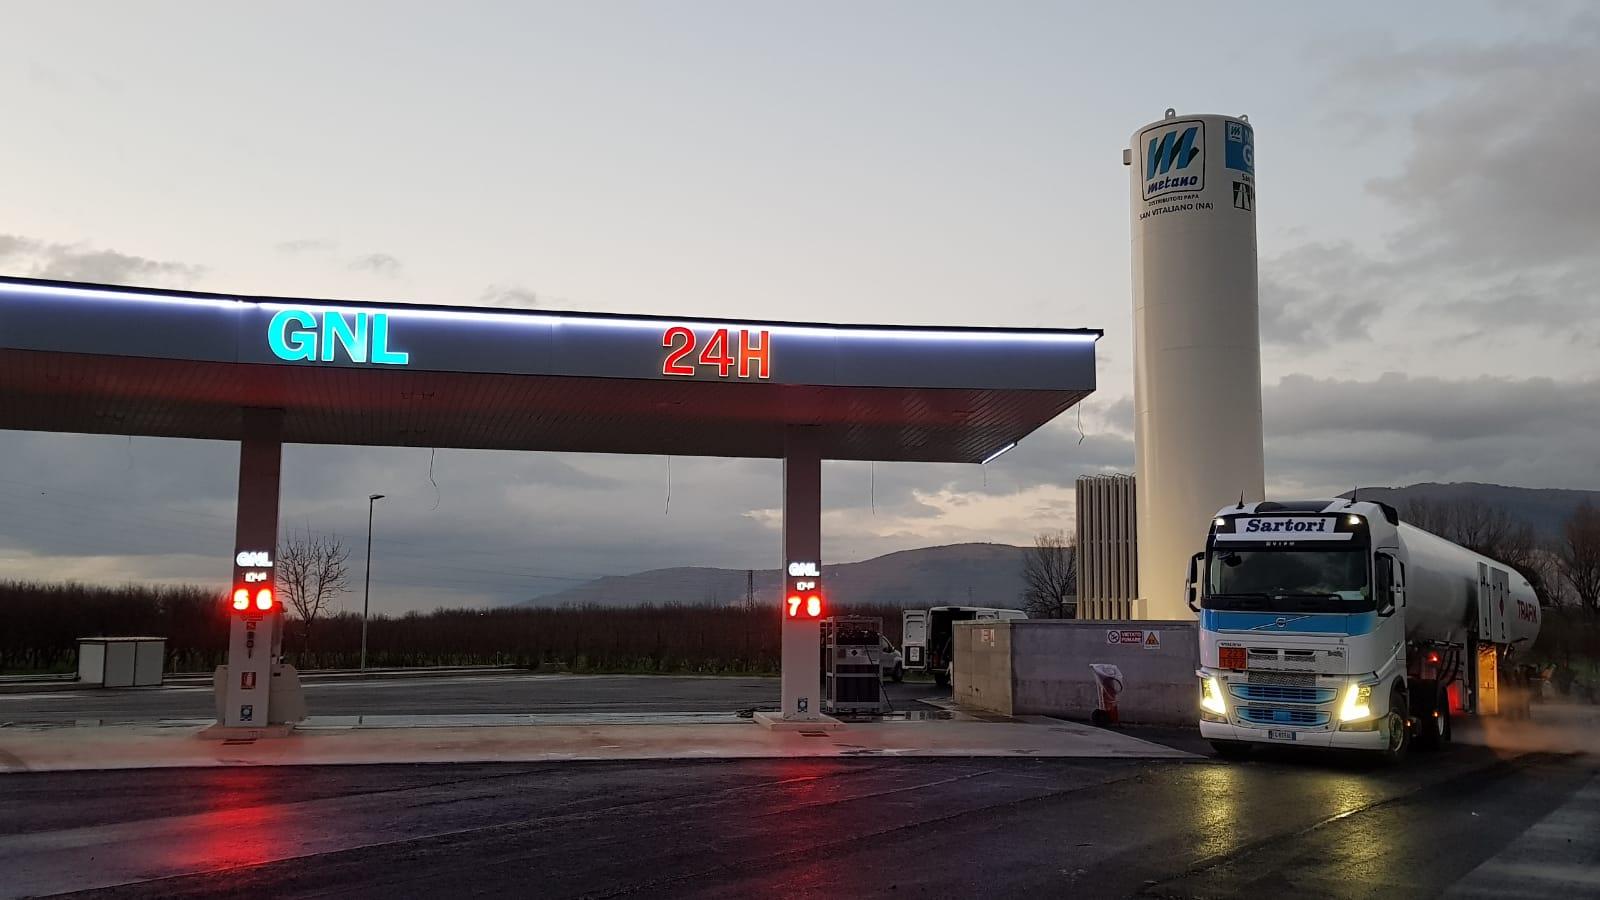 Inaugurata la nuova stazione di servizio GNL di S. Vitaliano (NA) Video